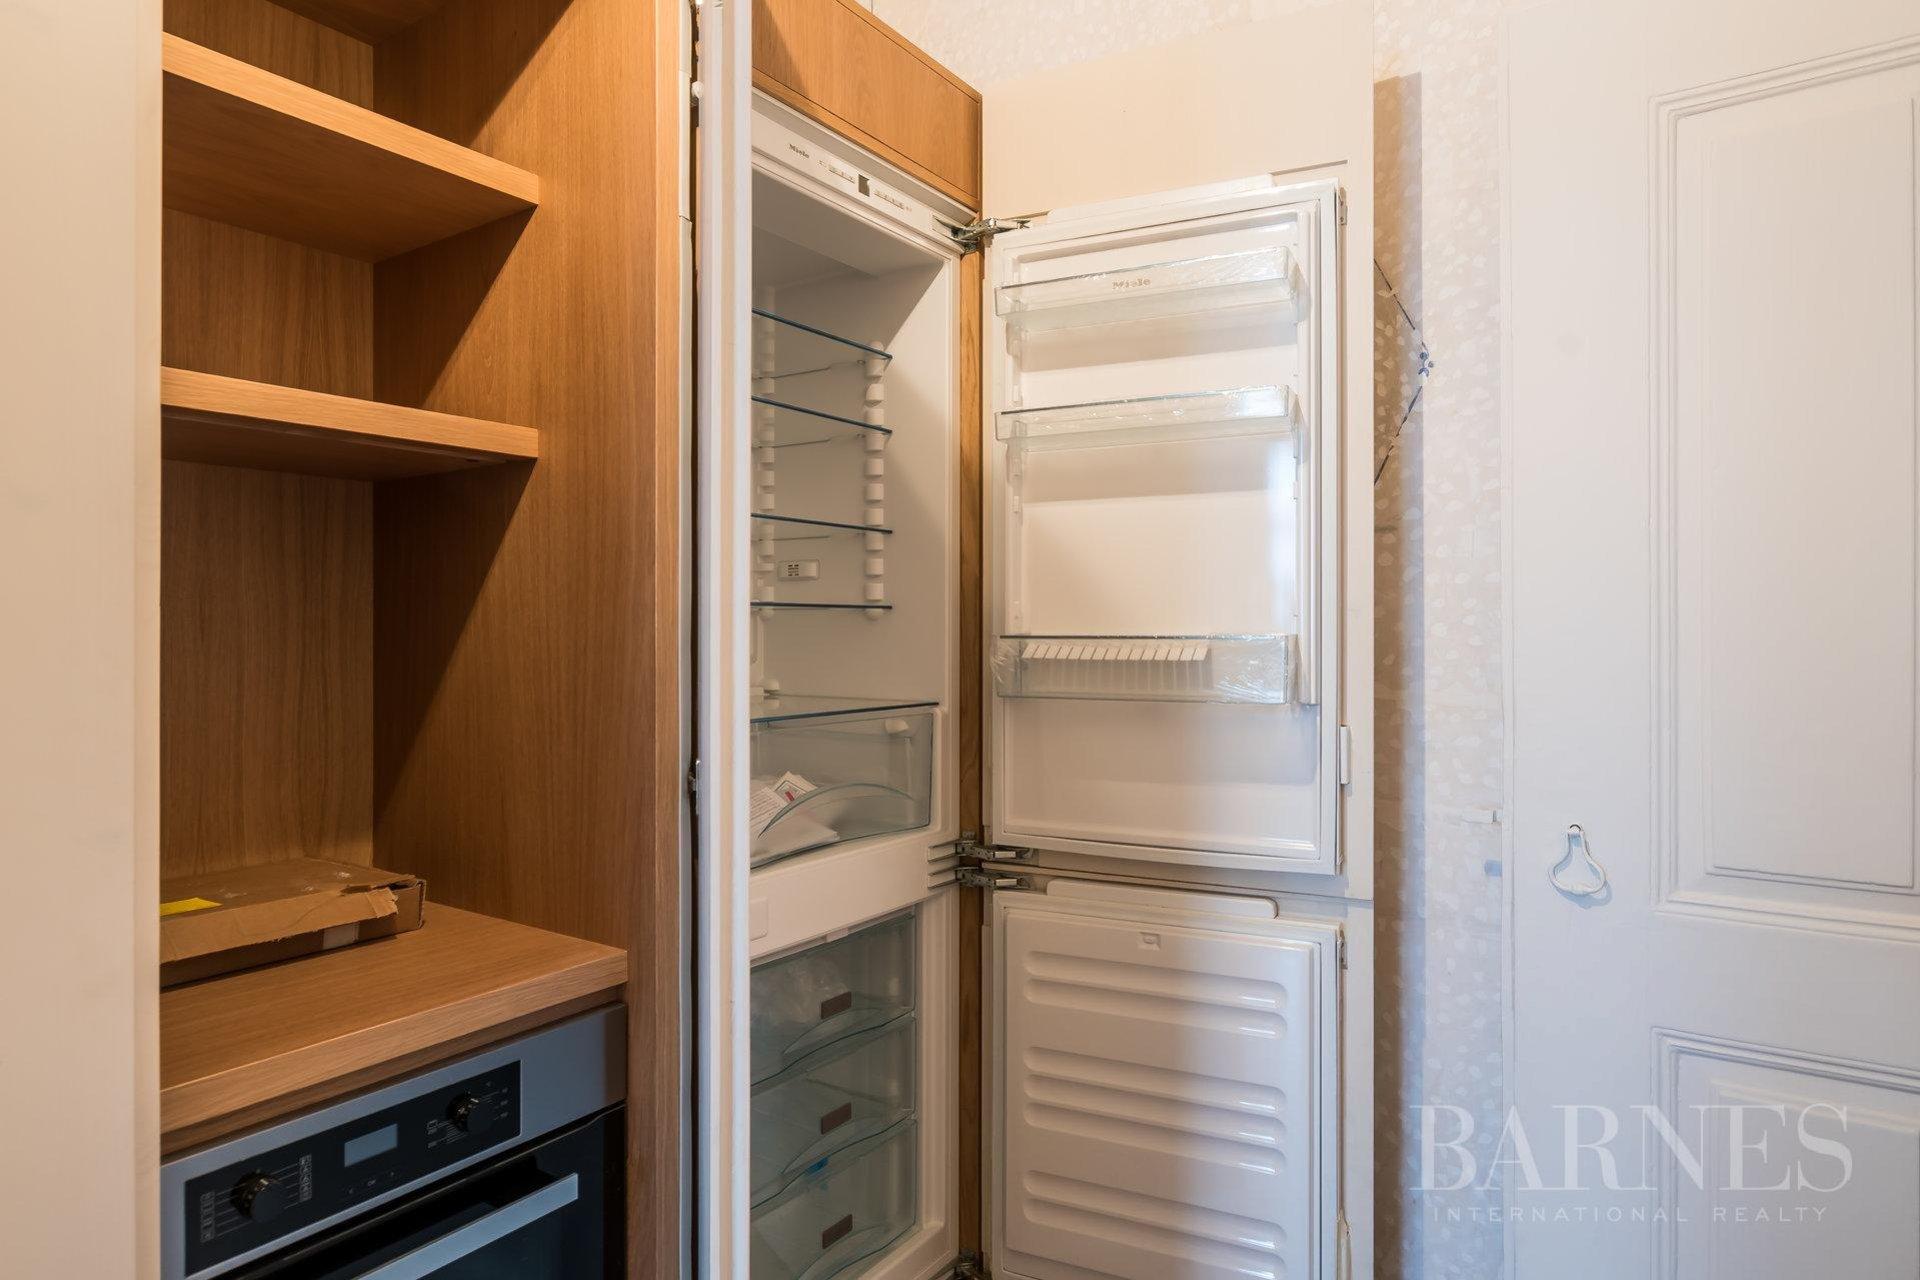 2 bedroom apartment in Sé